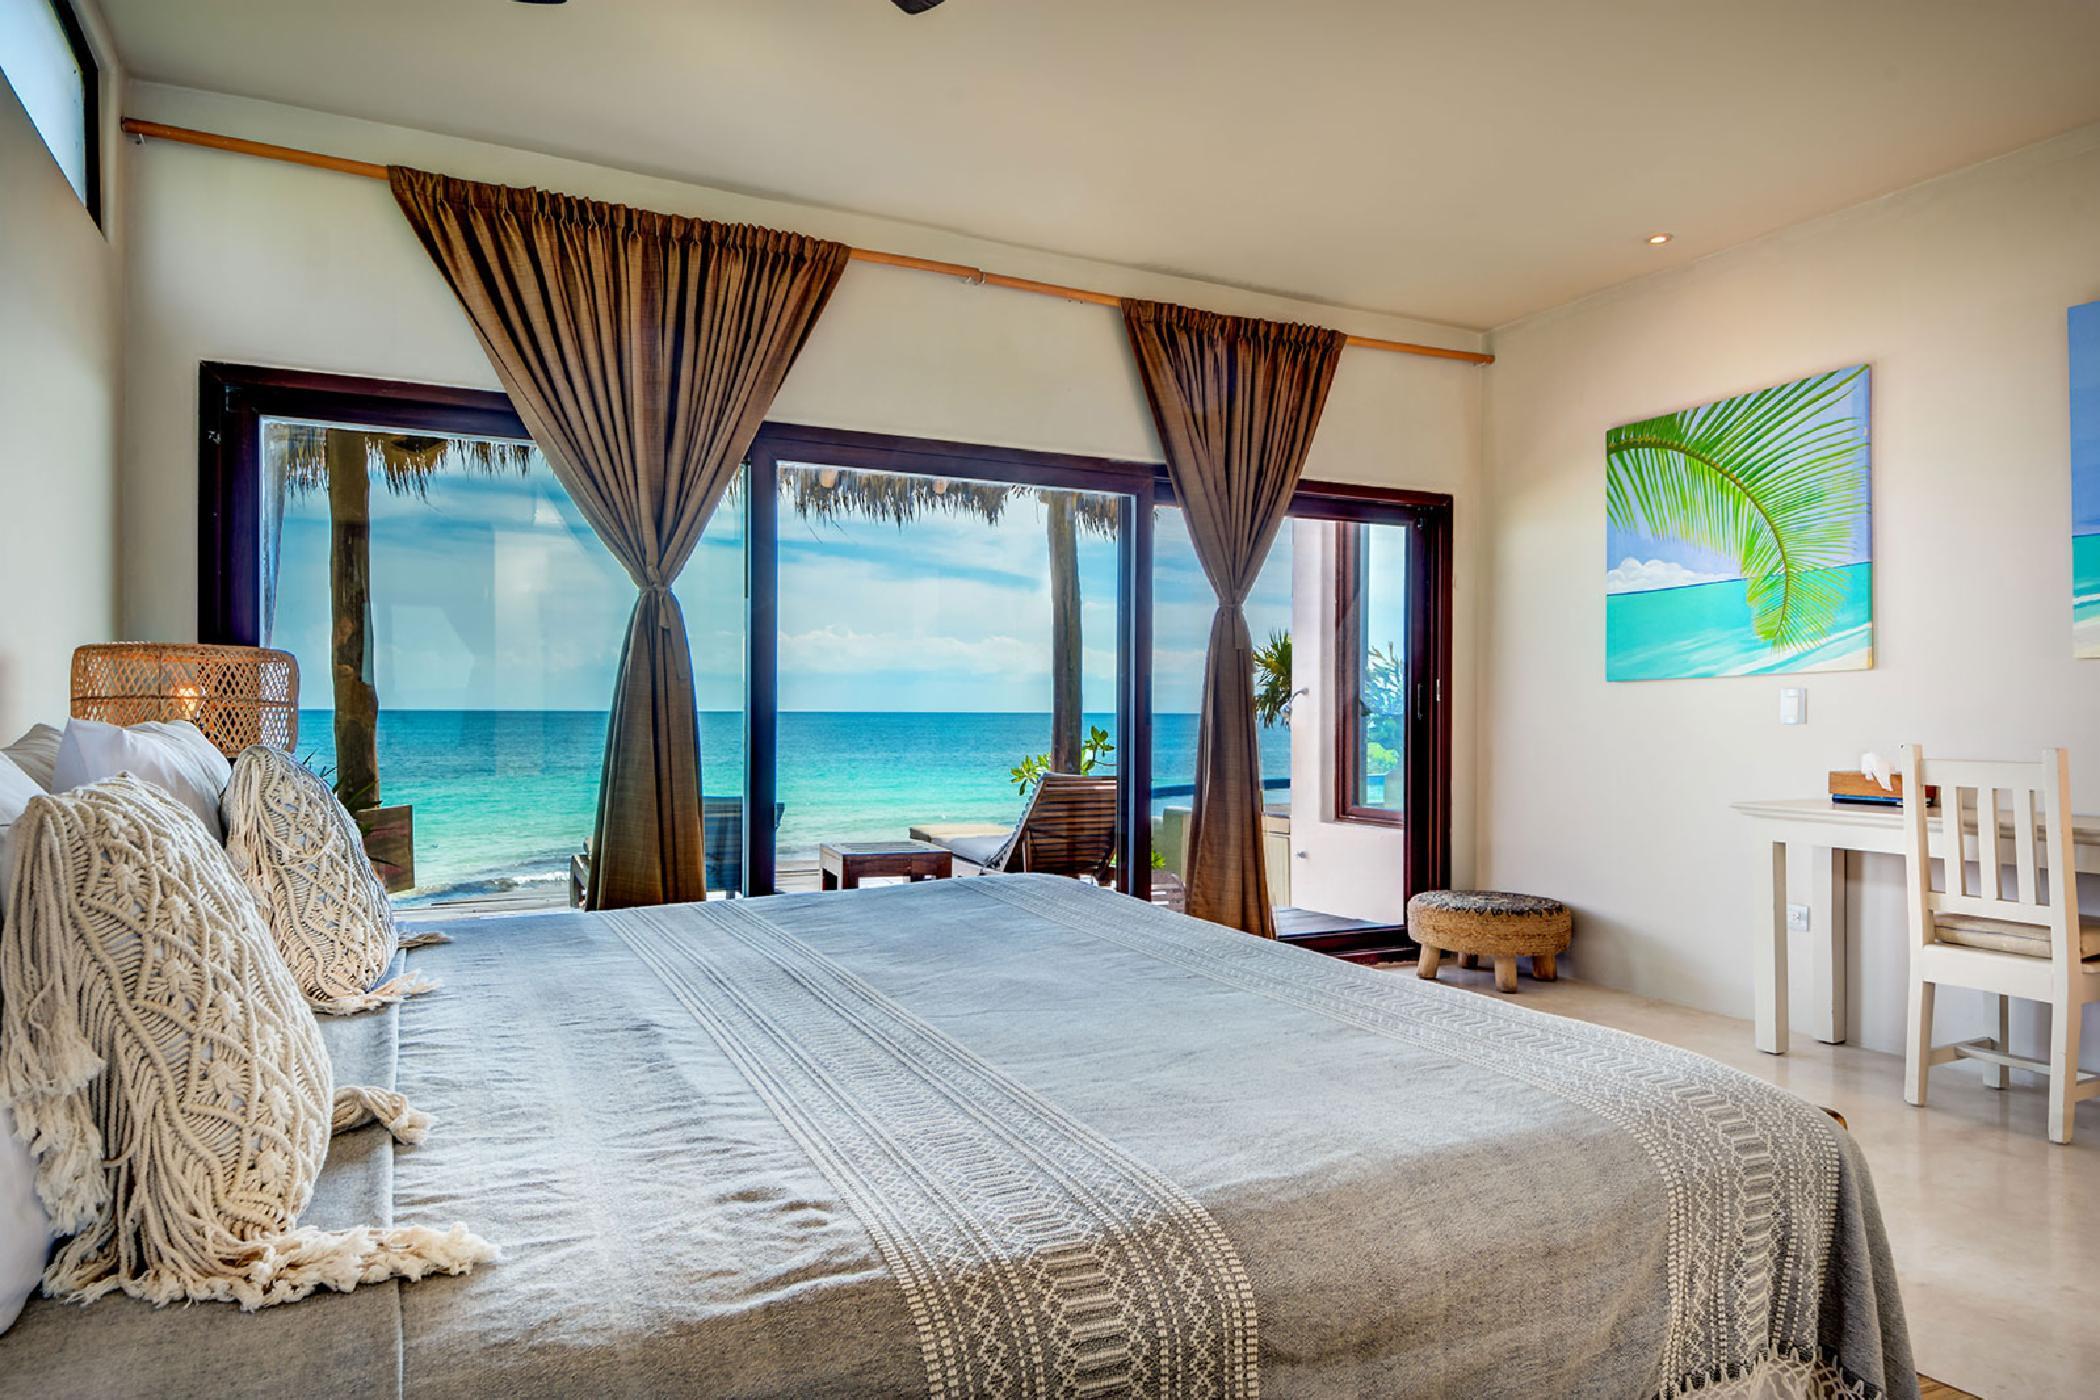 Maya_Luxe_Riviera_Maya_Luxury_Villas_Experiences_Tulum_Beach_5_Bedrooms_Villa_Miramar_21.jpg